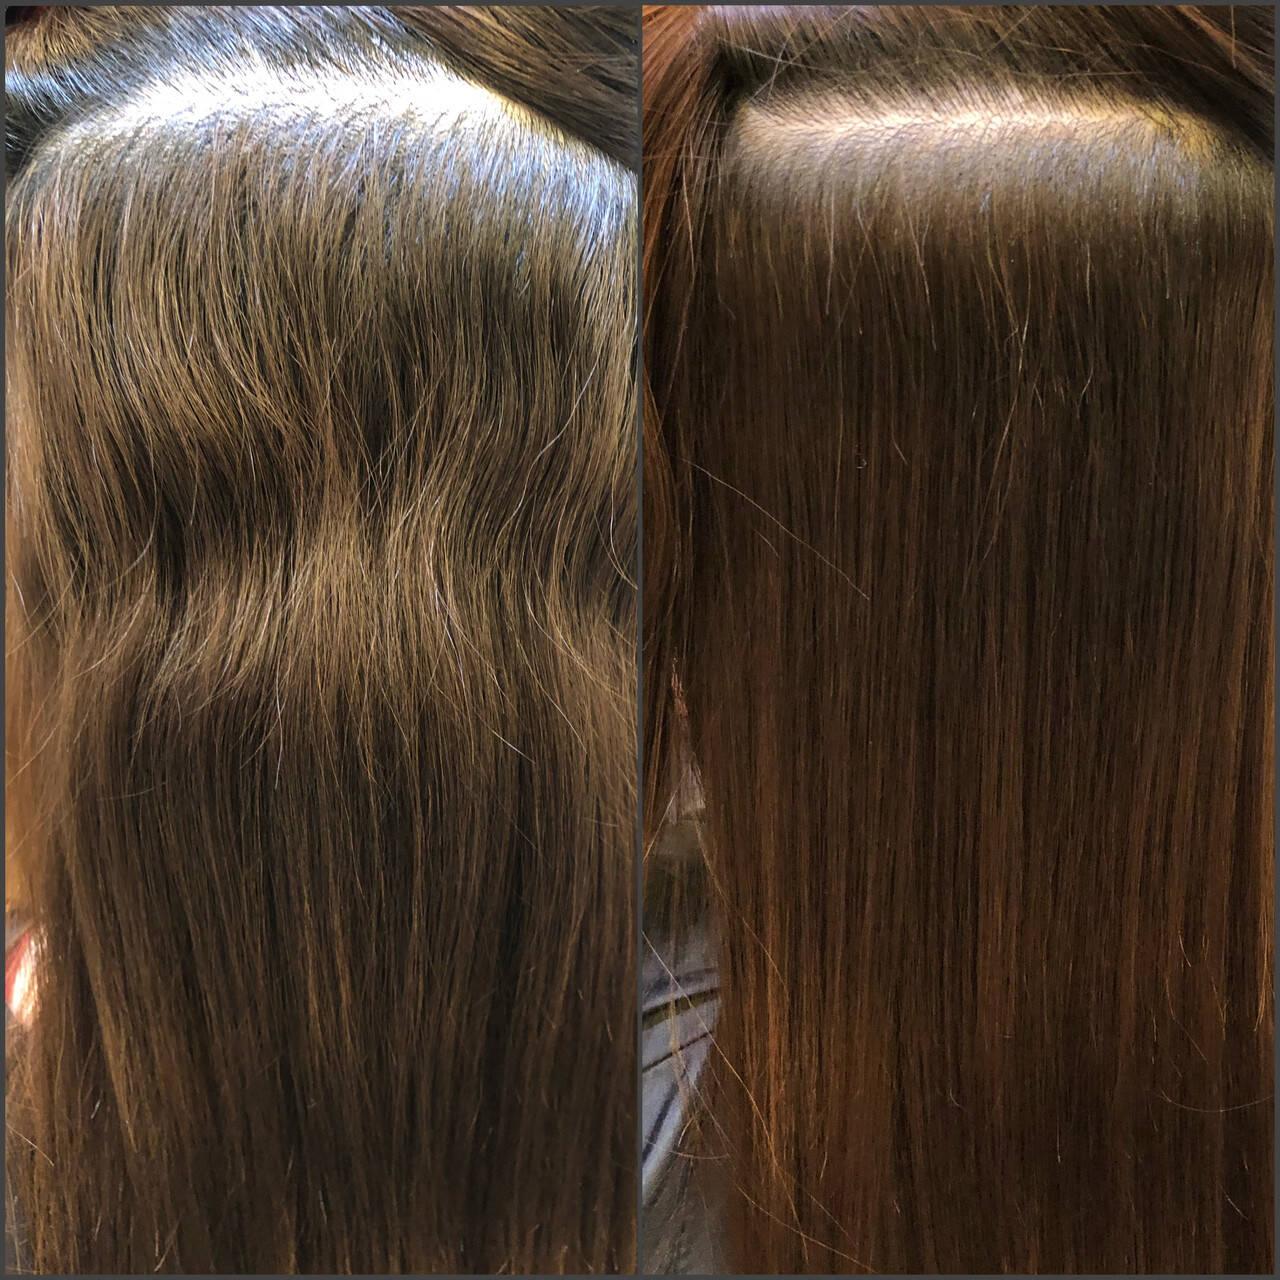 セミロング 縮毛矯正 ナチュラル 髪質改善トリートメントヘアスタイルや髪型の写真・画像